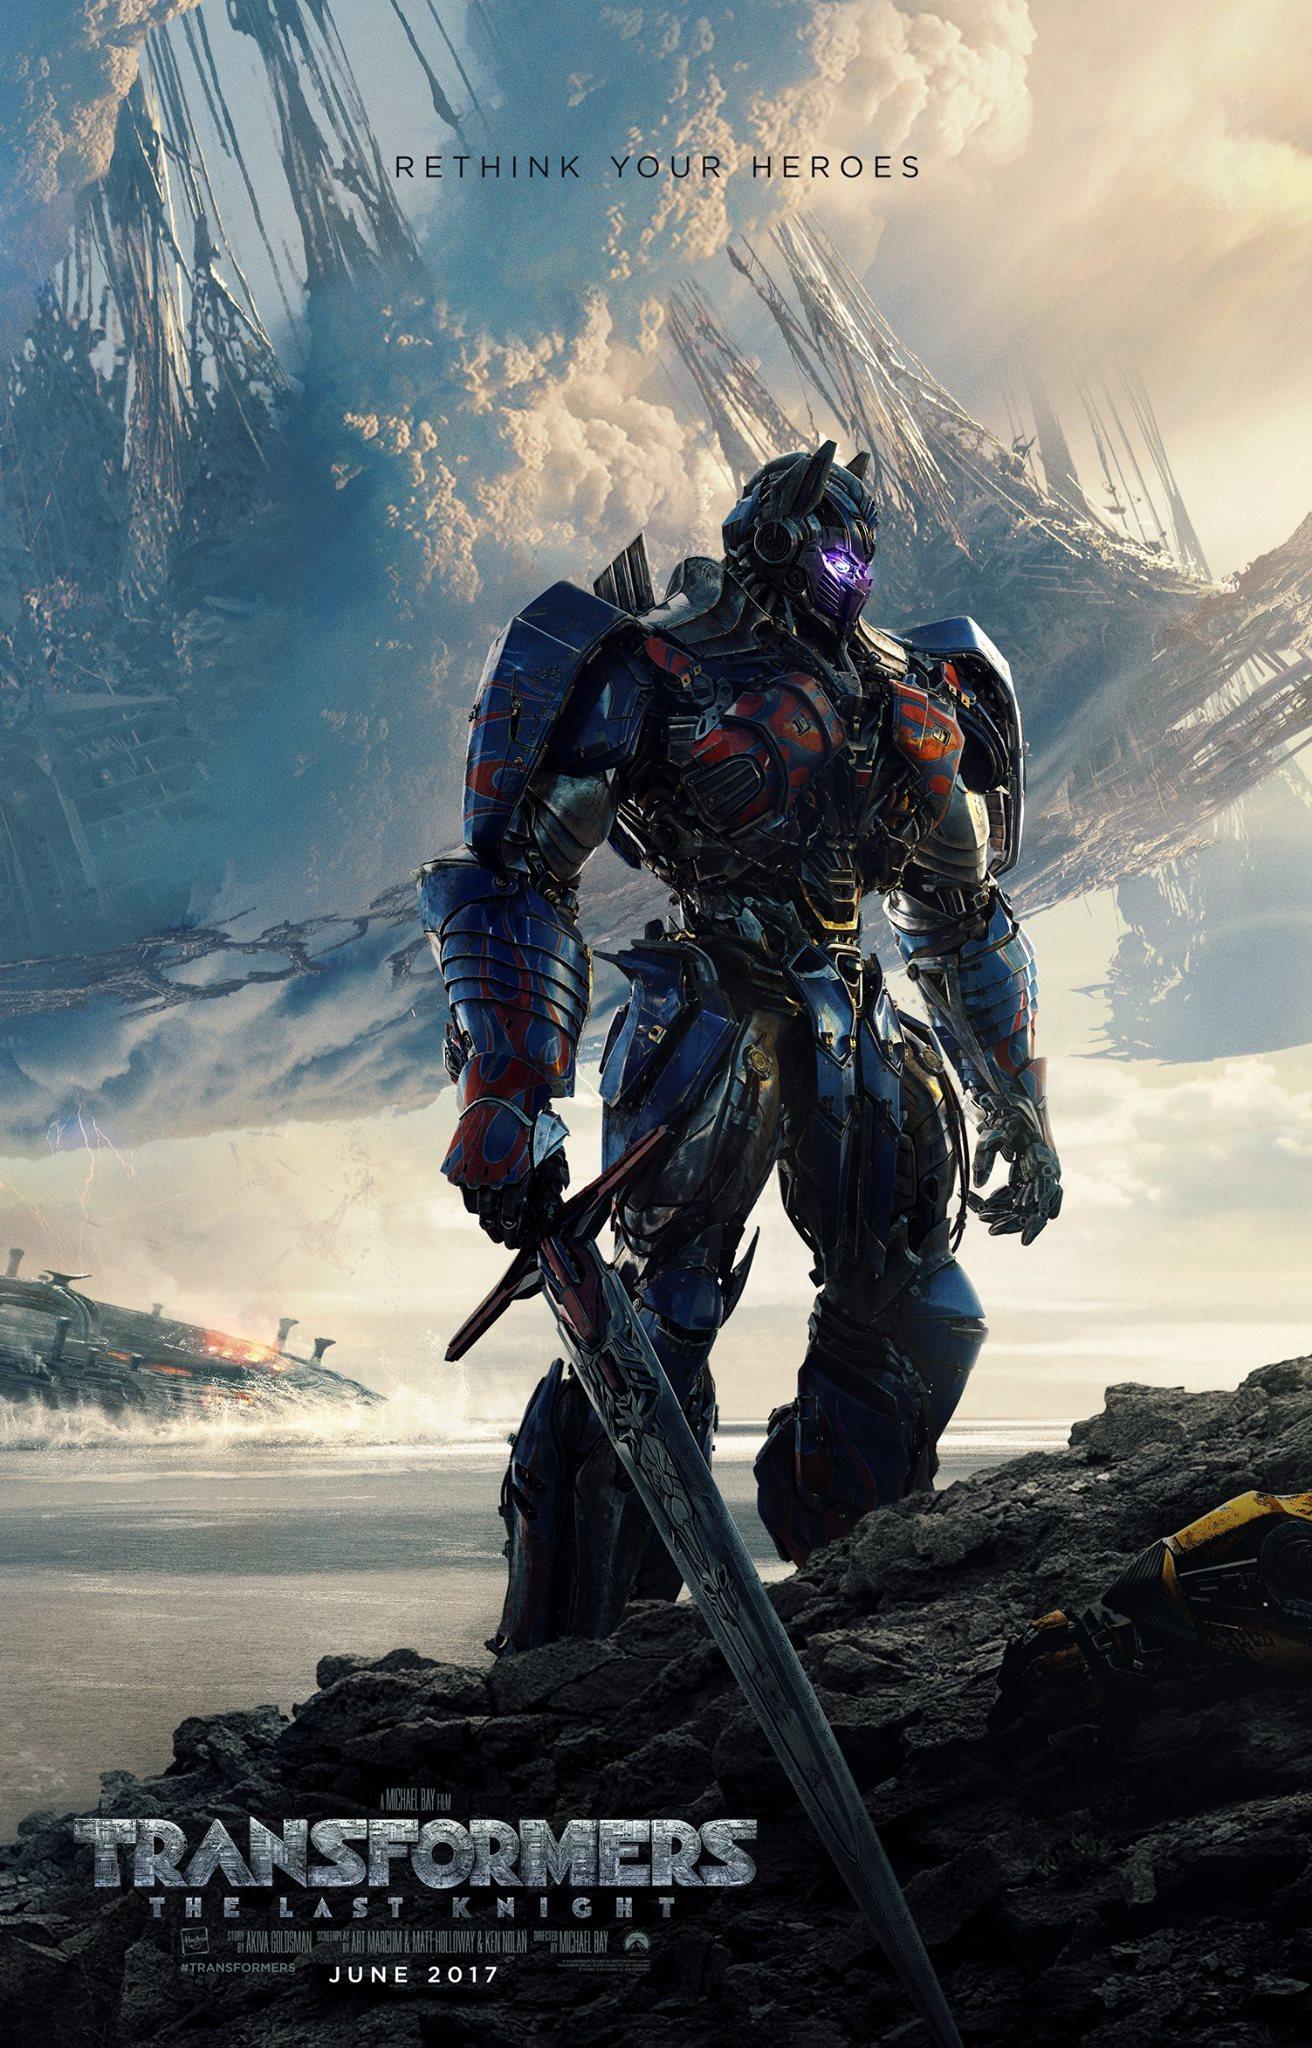 Transformers: The Last Knight tung clip mới hé lộ nội dung cốt truyện - ảnh 1